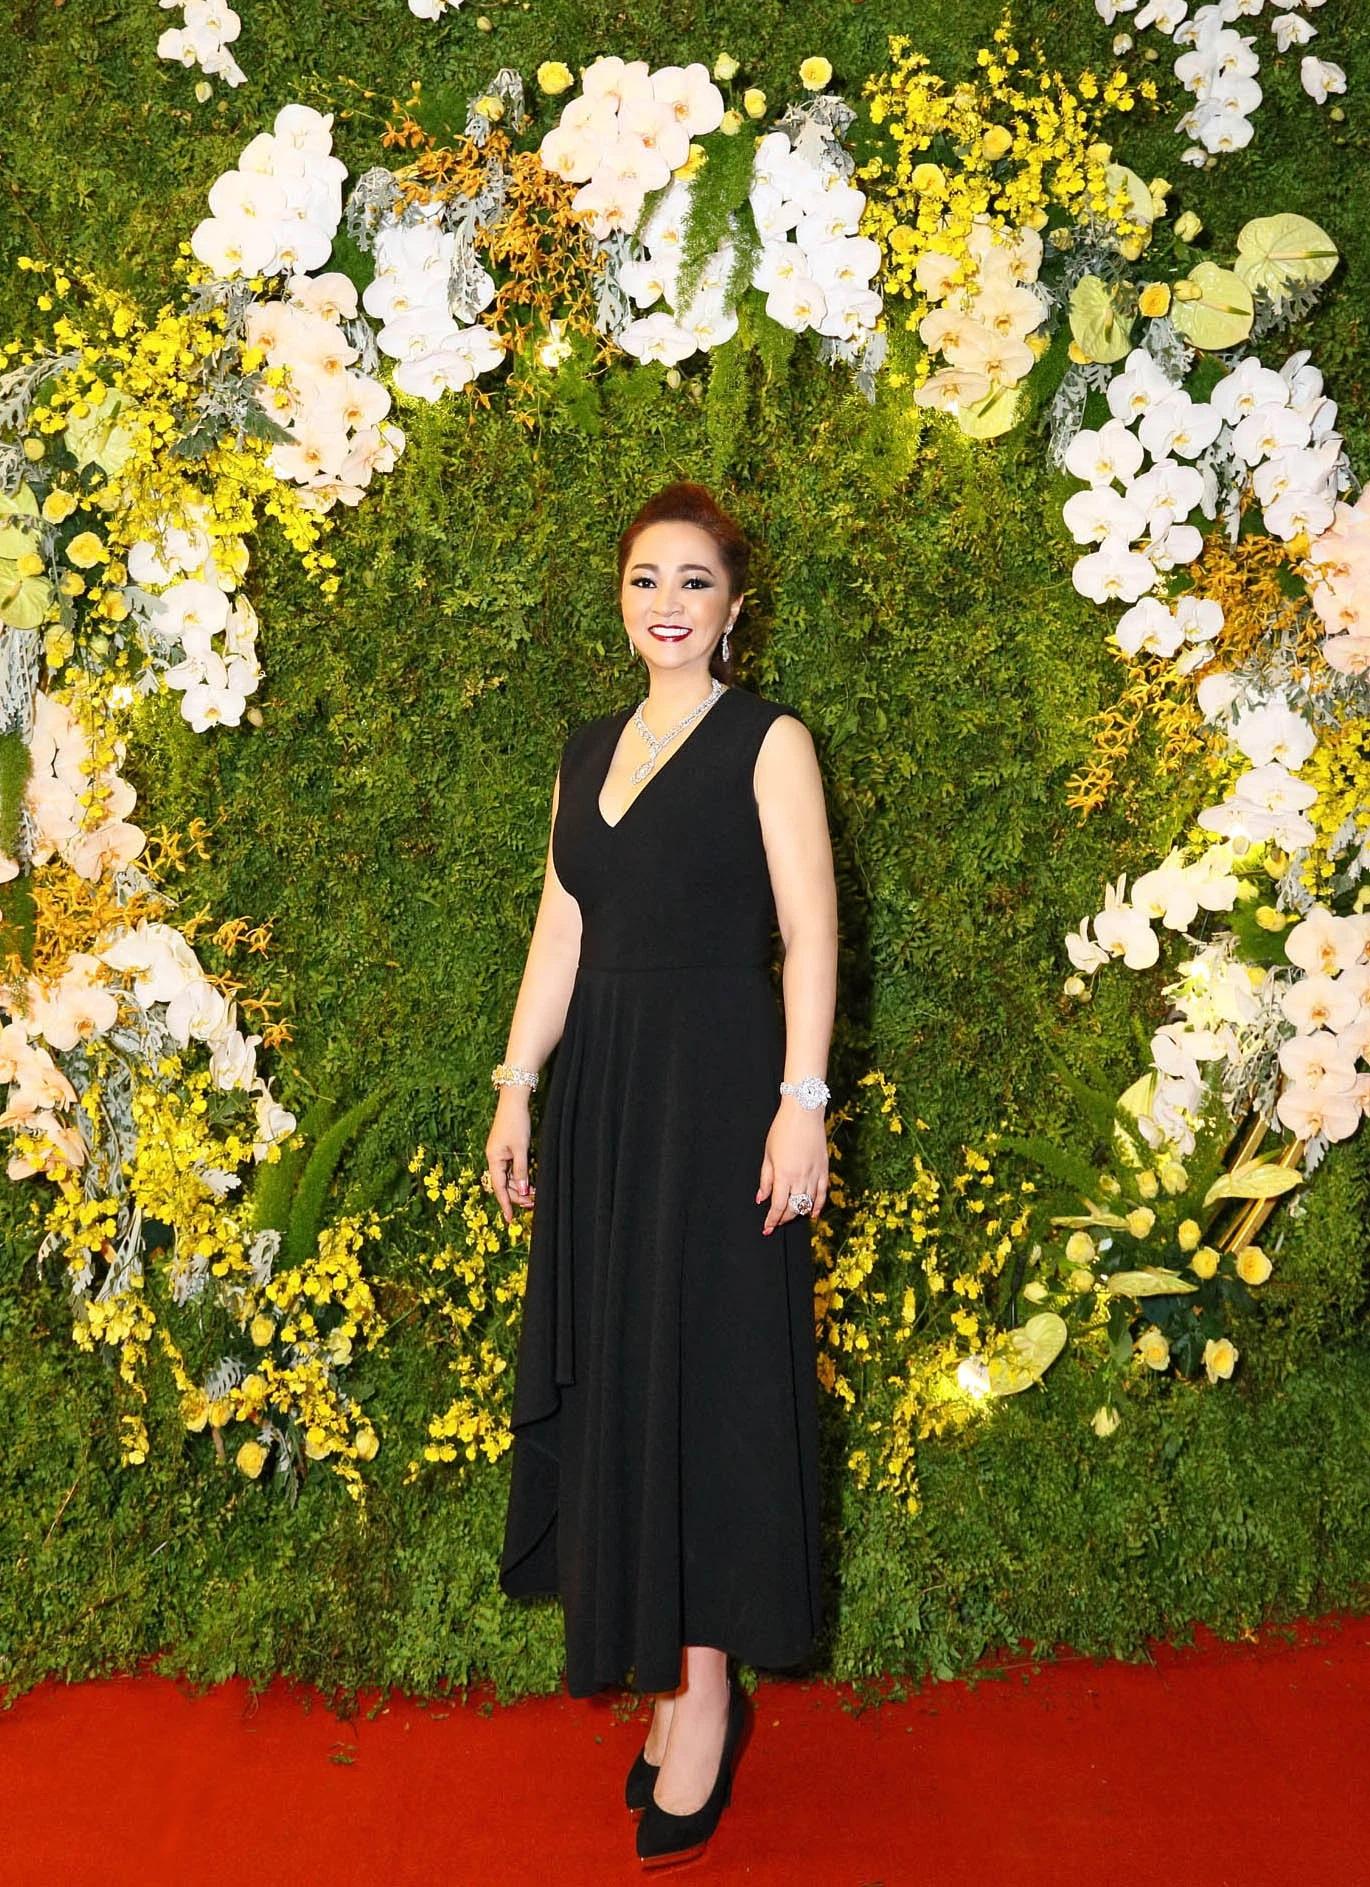 Bà Phương Hằng có style cực kỳ tinh tế, đẳng cấp không phải ở trang sức mà ở món phụ kiện nhỏ xinh này - Ảnh 3.